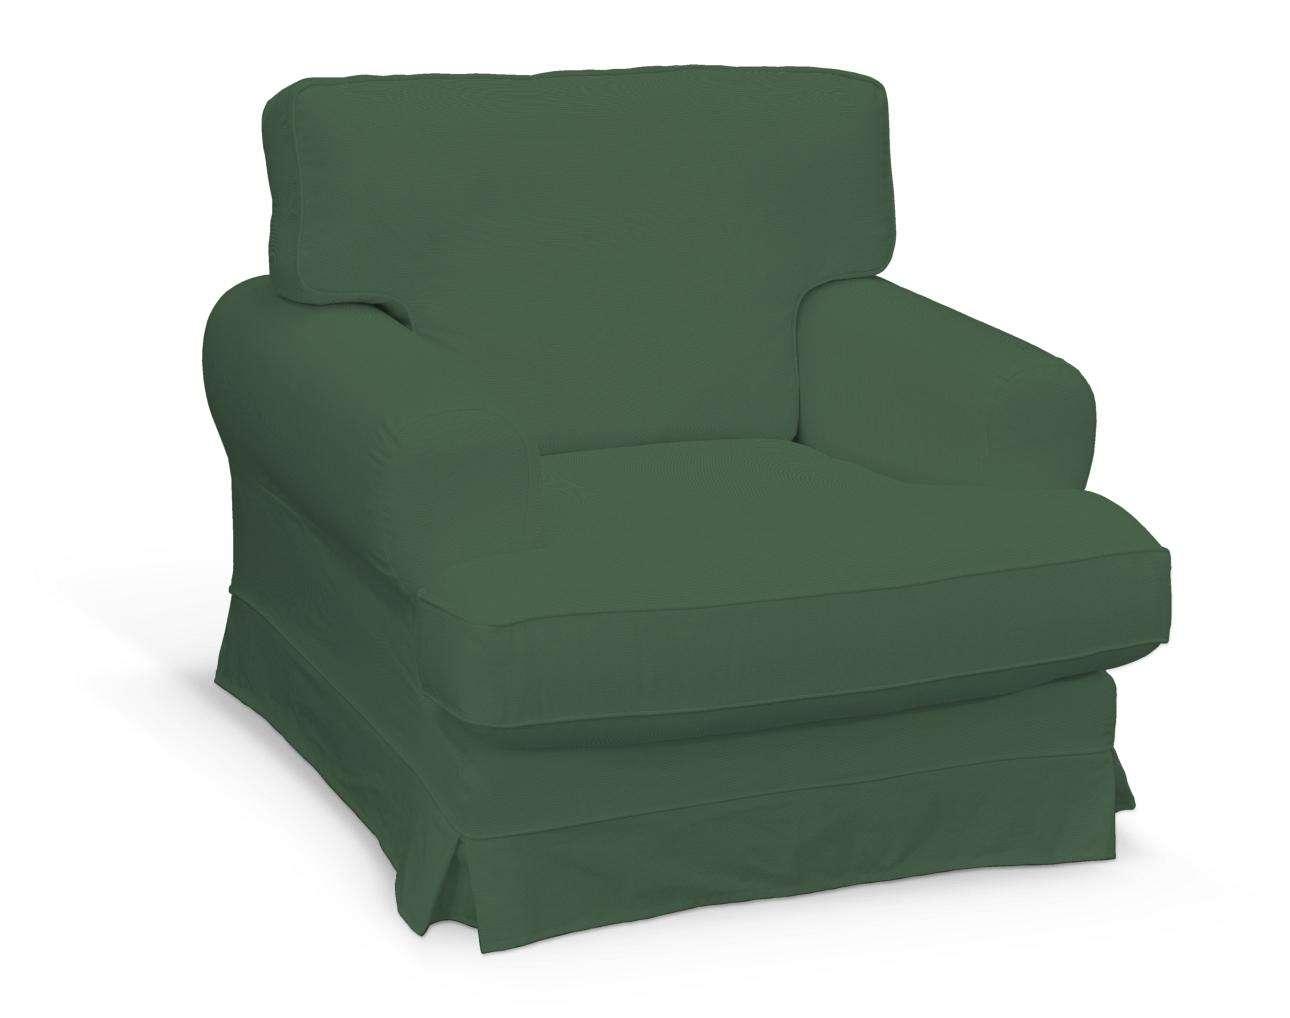 Ekeskog Sesselbezug, waldgrün, Ekeskog Sessel, Cotton Panama